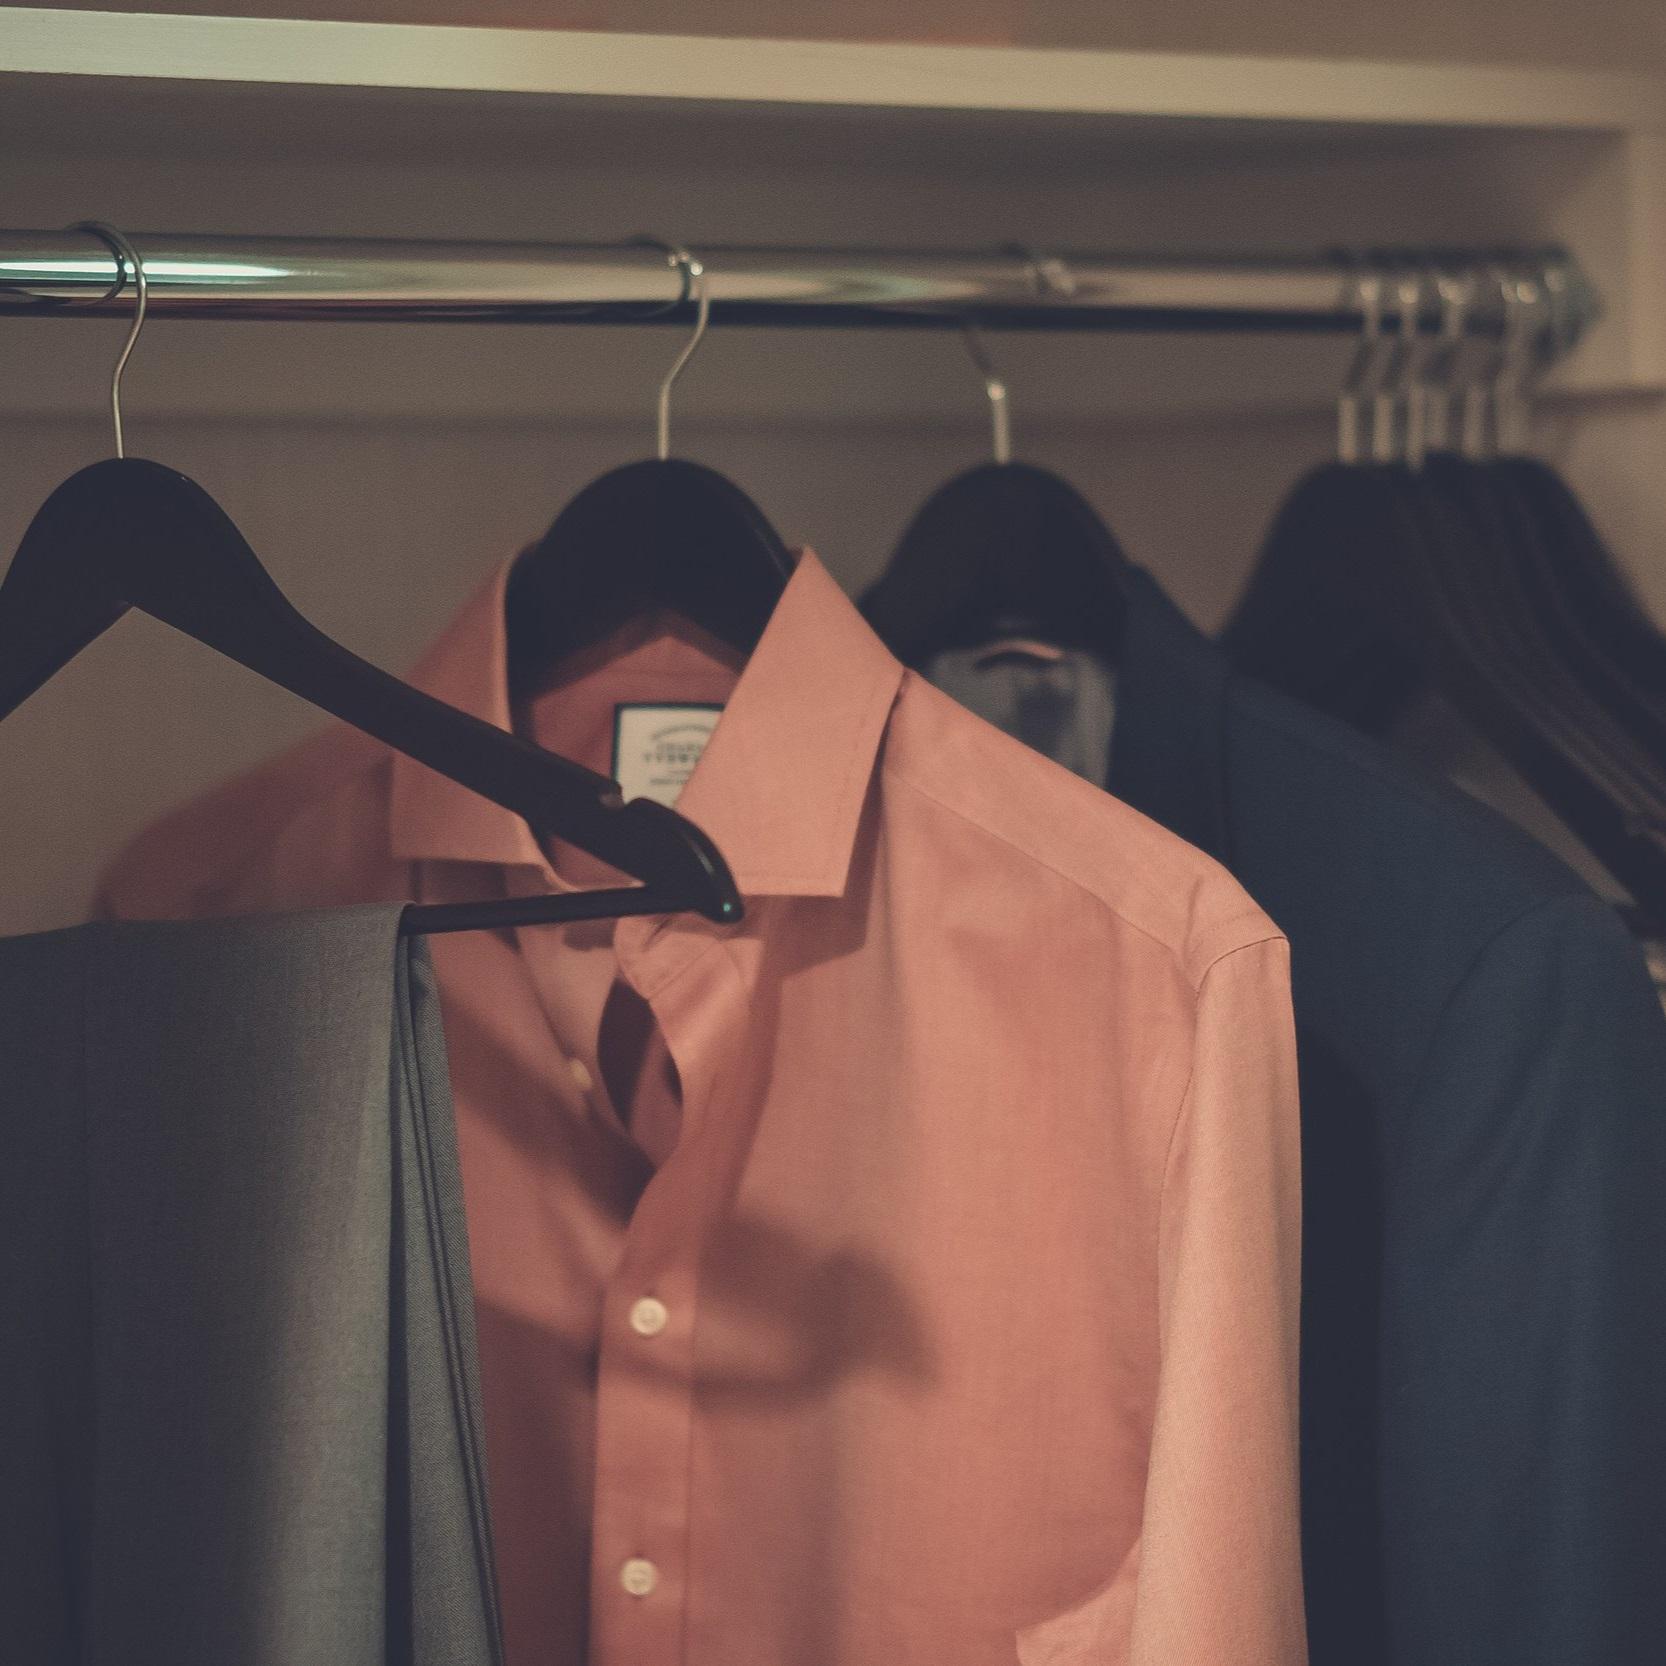 blazer-close-up-closet-1682699.jpg